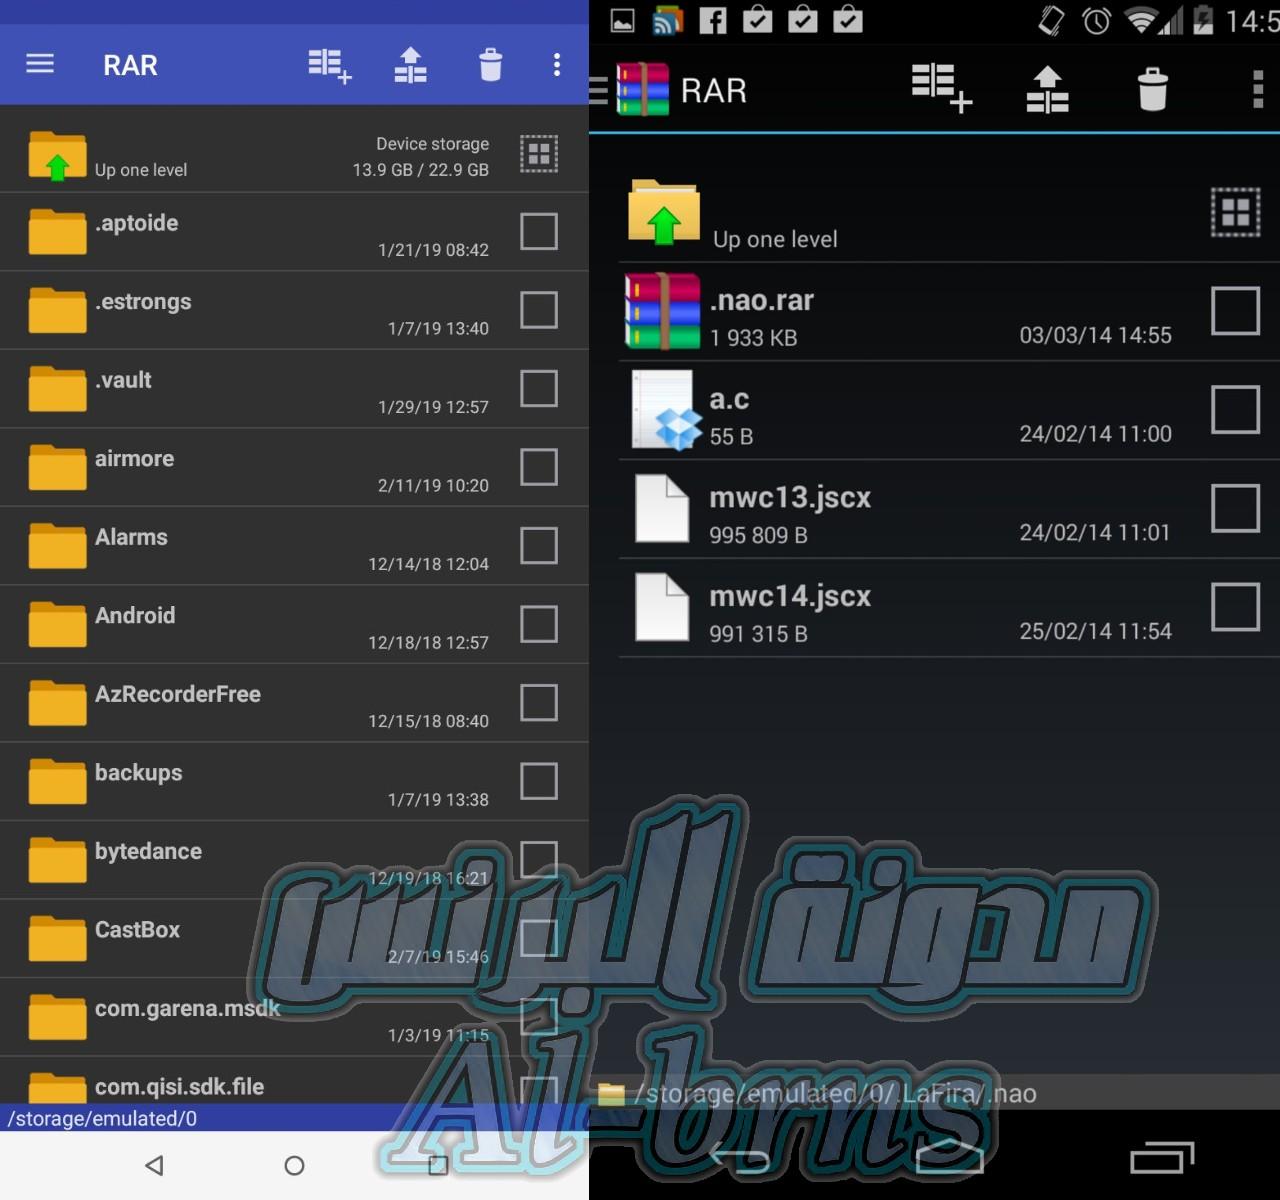 تطبيق RAR لهواتف الاندرويد هو تطبيق مقلد من تطبيق rar للويندوز  مع تطبيق RAR لهواتف الاندرويد يمكنك فك الضغط الضغط علي كثير من الملفات مثل RAR, ZIP, TAR, XZ , GZ ويمكنك استخدام هذا التطبيق في تفقد  محتويات الملفات المضغوطه ويمكنك فتح الملفات مباشرة من داخله, تطبيق rar للاندرويد, تحميل برنامج rar للاندرويد, برنامج rar للاندرويد, برنامج رار للاندرويد, تحميل برنامج winrar للاندرويد, تحميل برنامج رار للاندرويد, برنامج فتح ملفات rar للاندرويد, تحميل تطبيق rar للاندرويد, rar, rar for android,